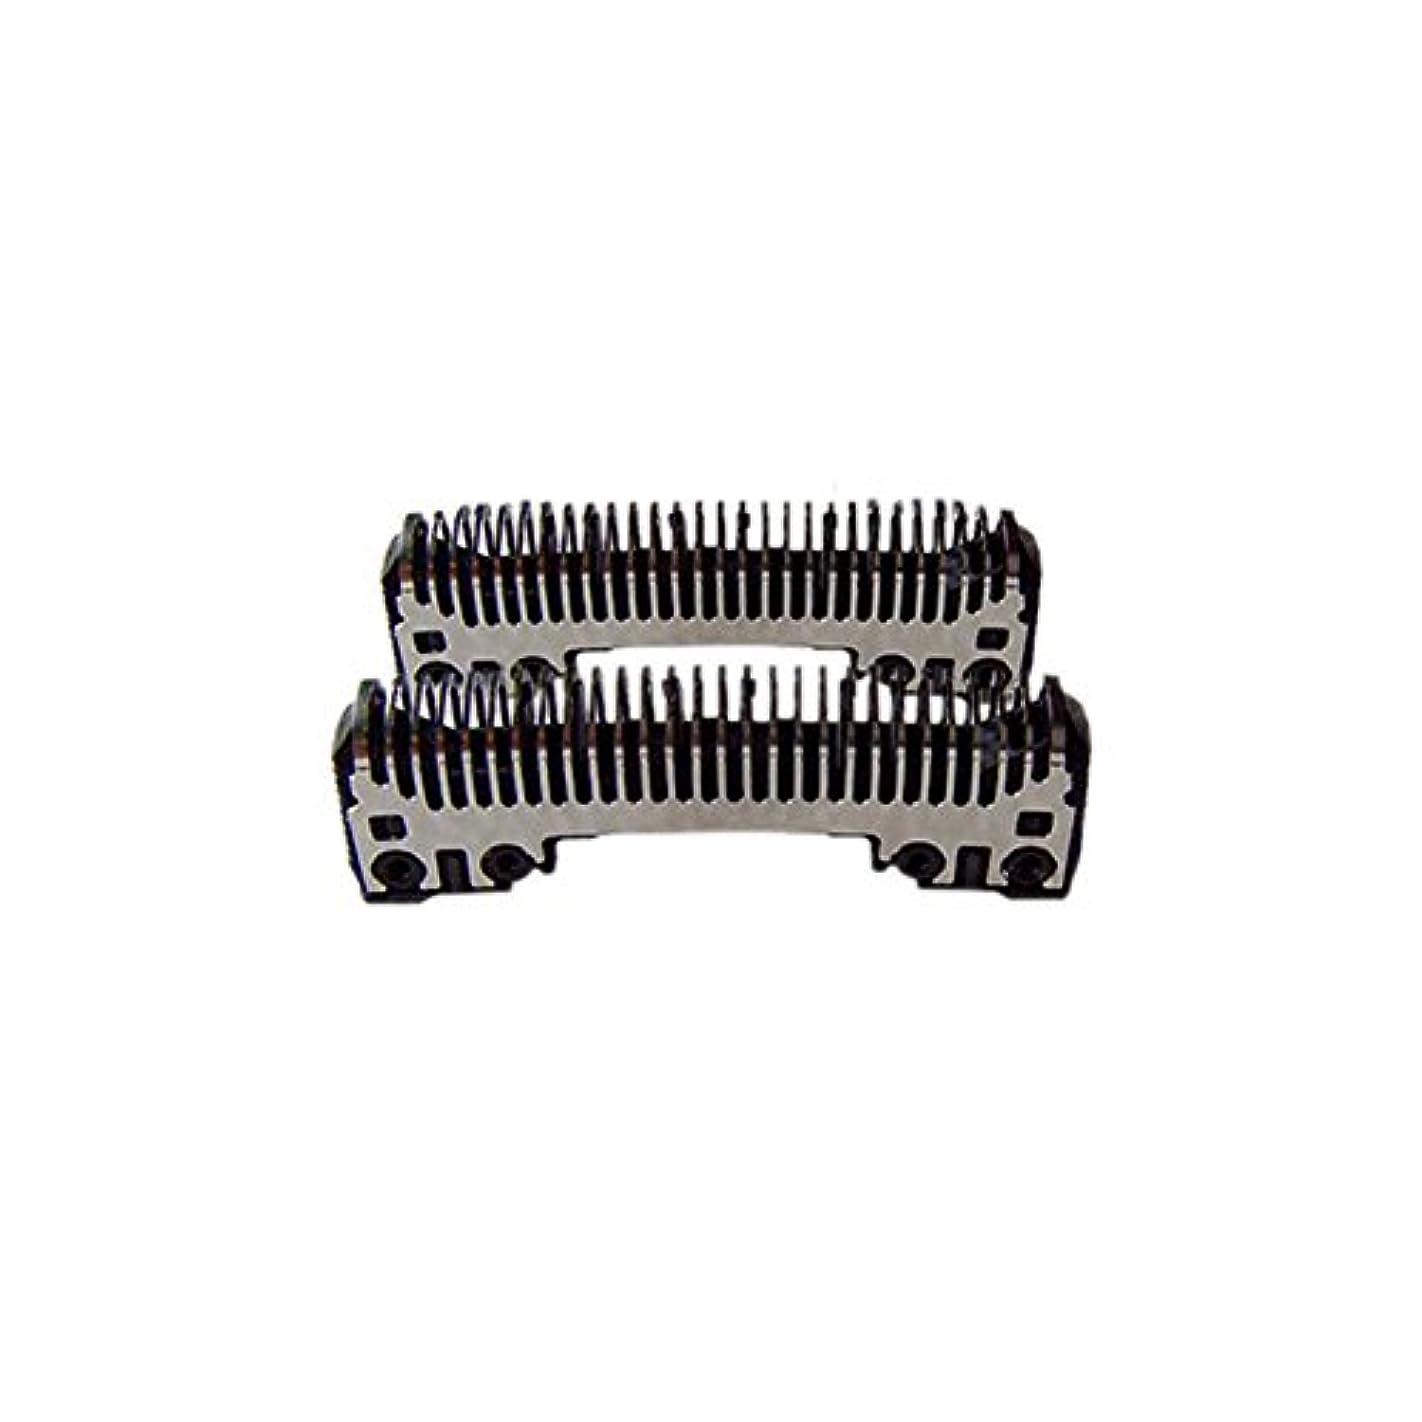 より良い散る嫌なJanjunsi 回転式シェーバー シェーバーパーツ シェーバー 交換用 替刃 内刃 耐用 for Panasonic WES9068 ES8113 ES8116/-GA20/-LT20/-LT50